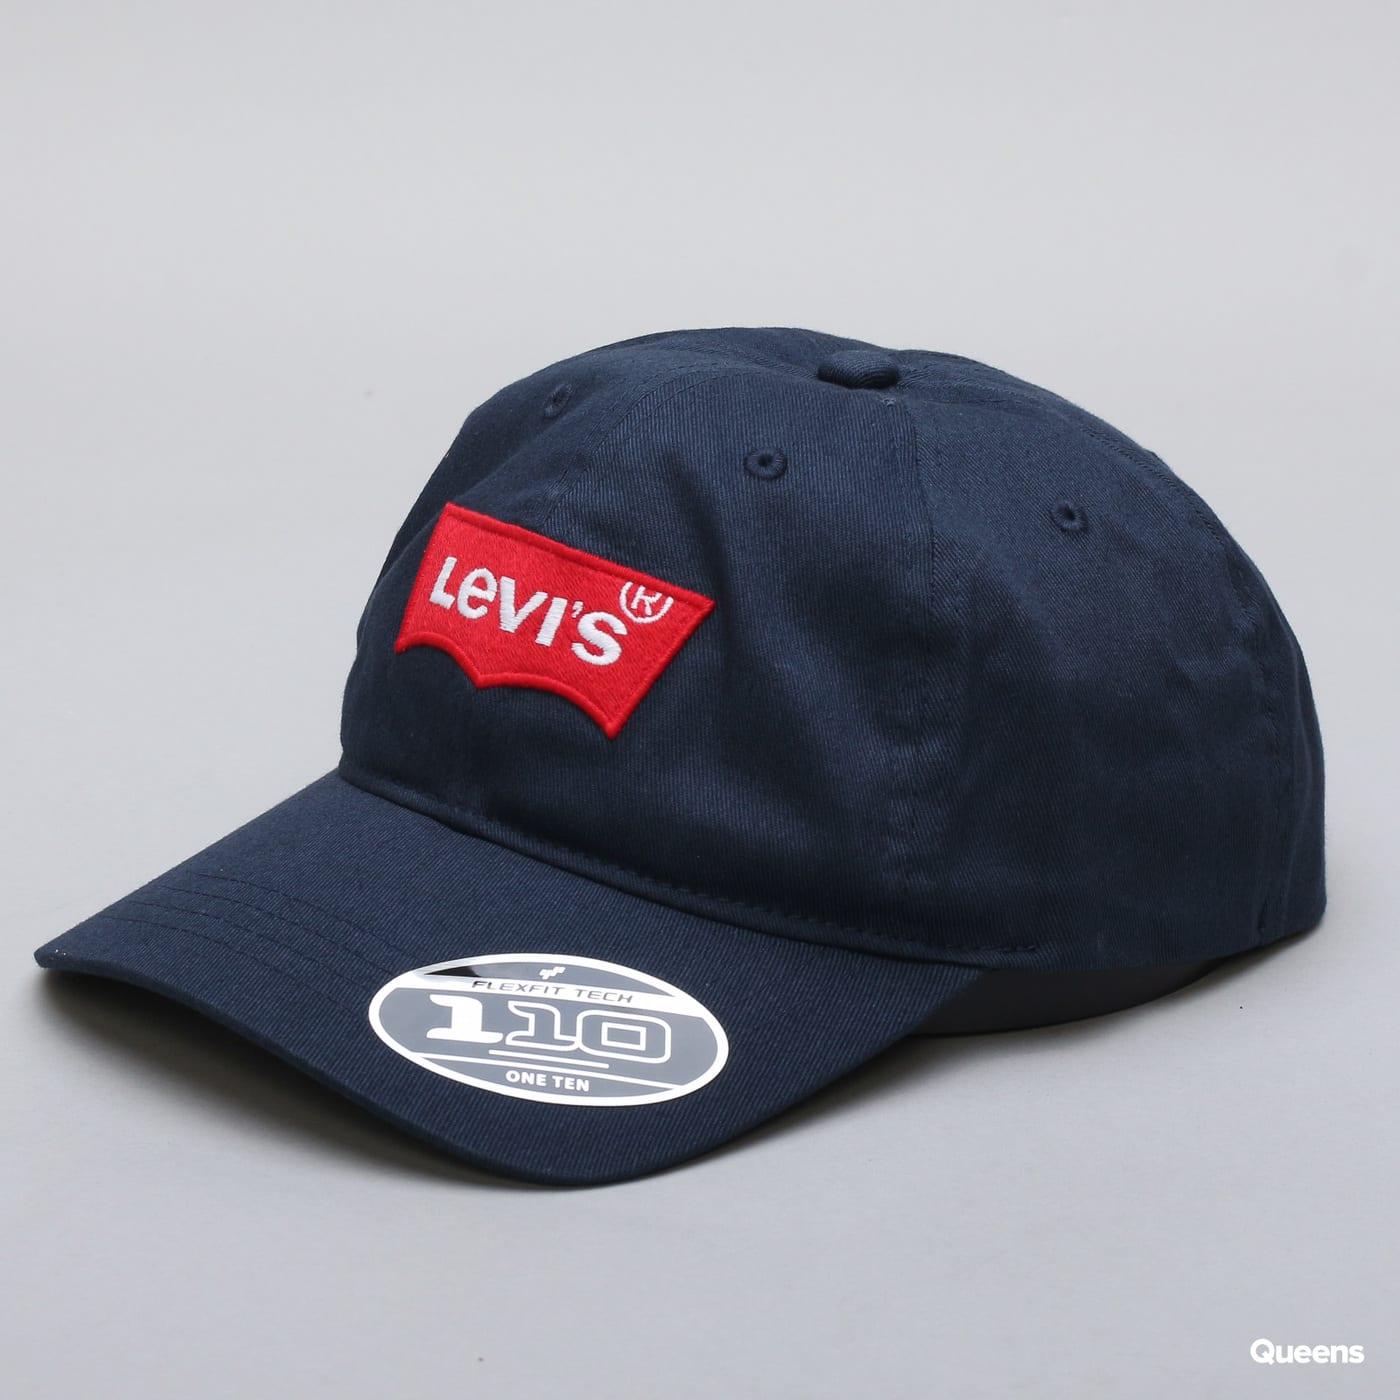 Levi's ® Big Batwing Flex Fit navy